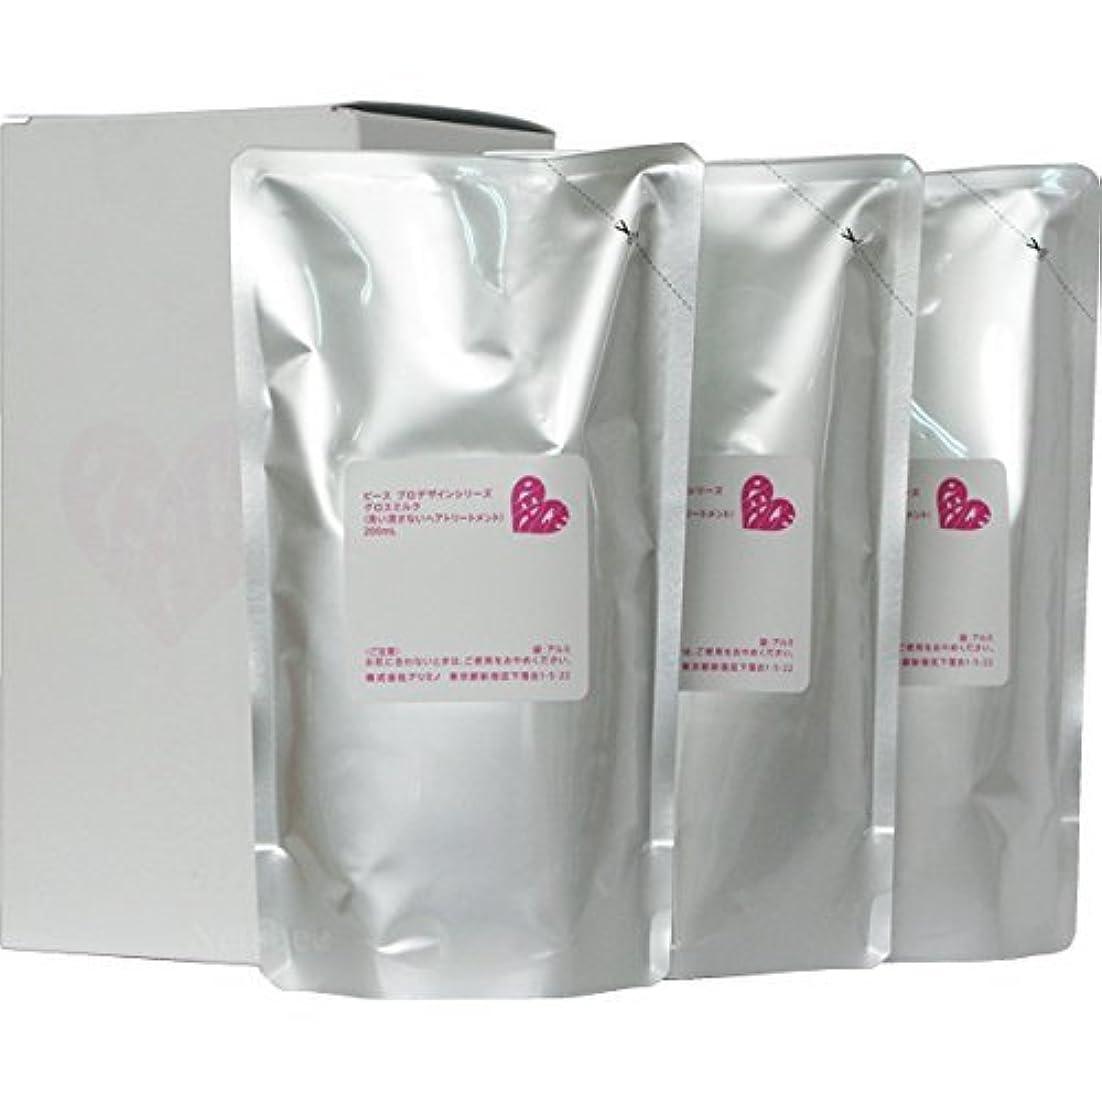 修道院若者ジョブピース プロデザインシリーズ グロスミルク ホワイト リフィル 200ml×3